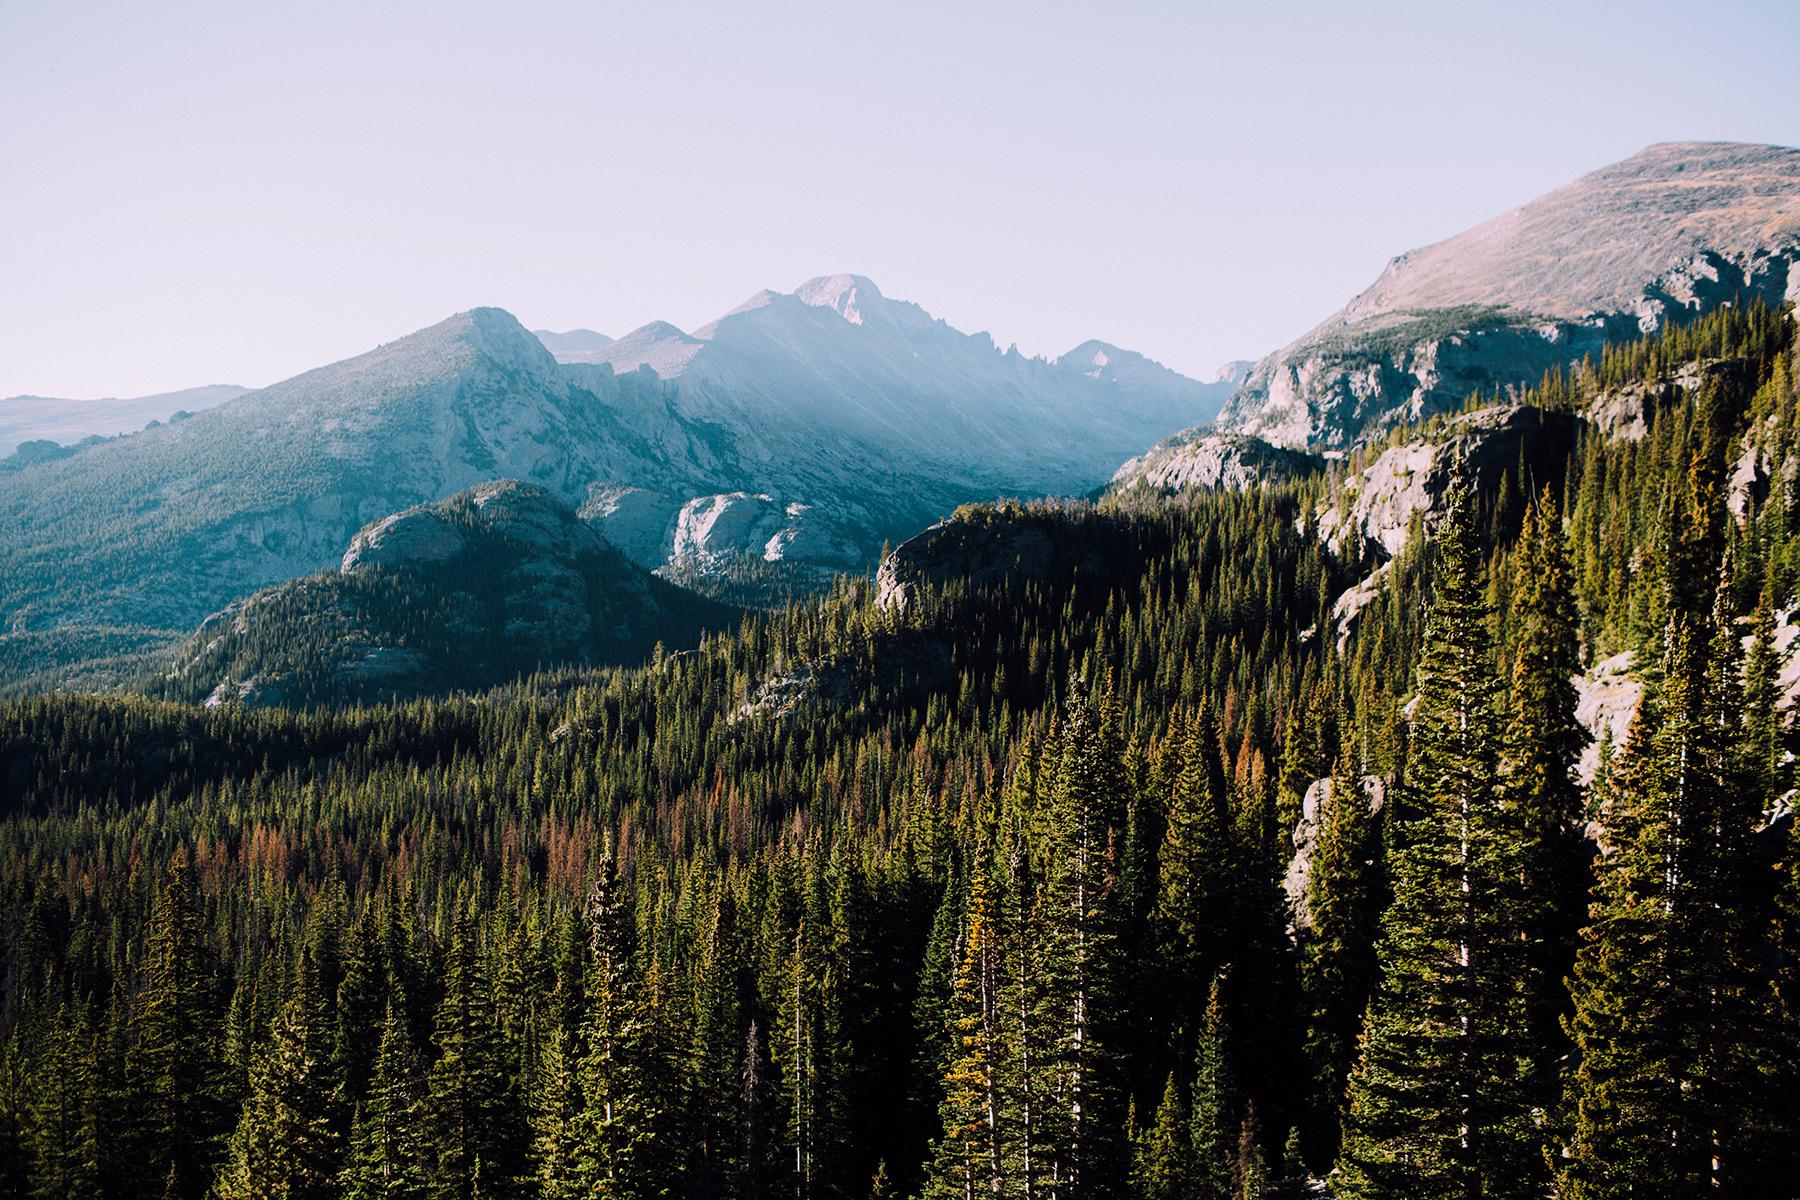 Part 6: Northern Colorado